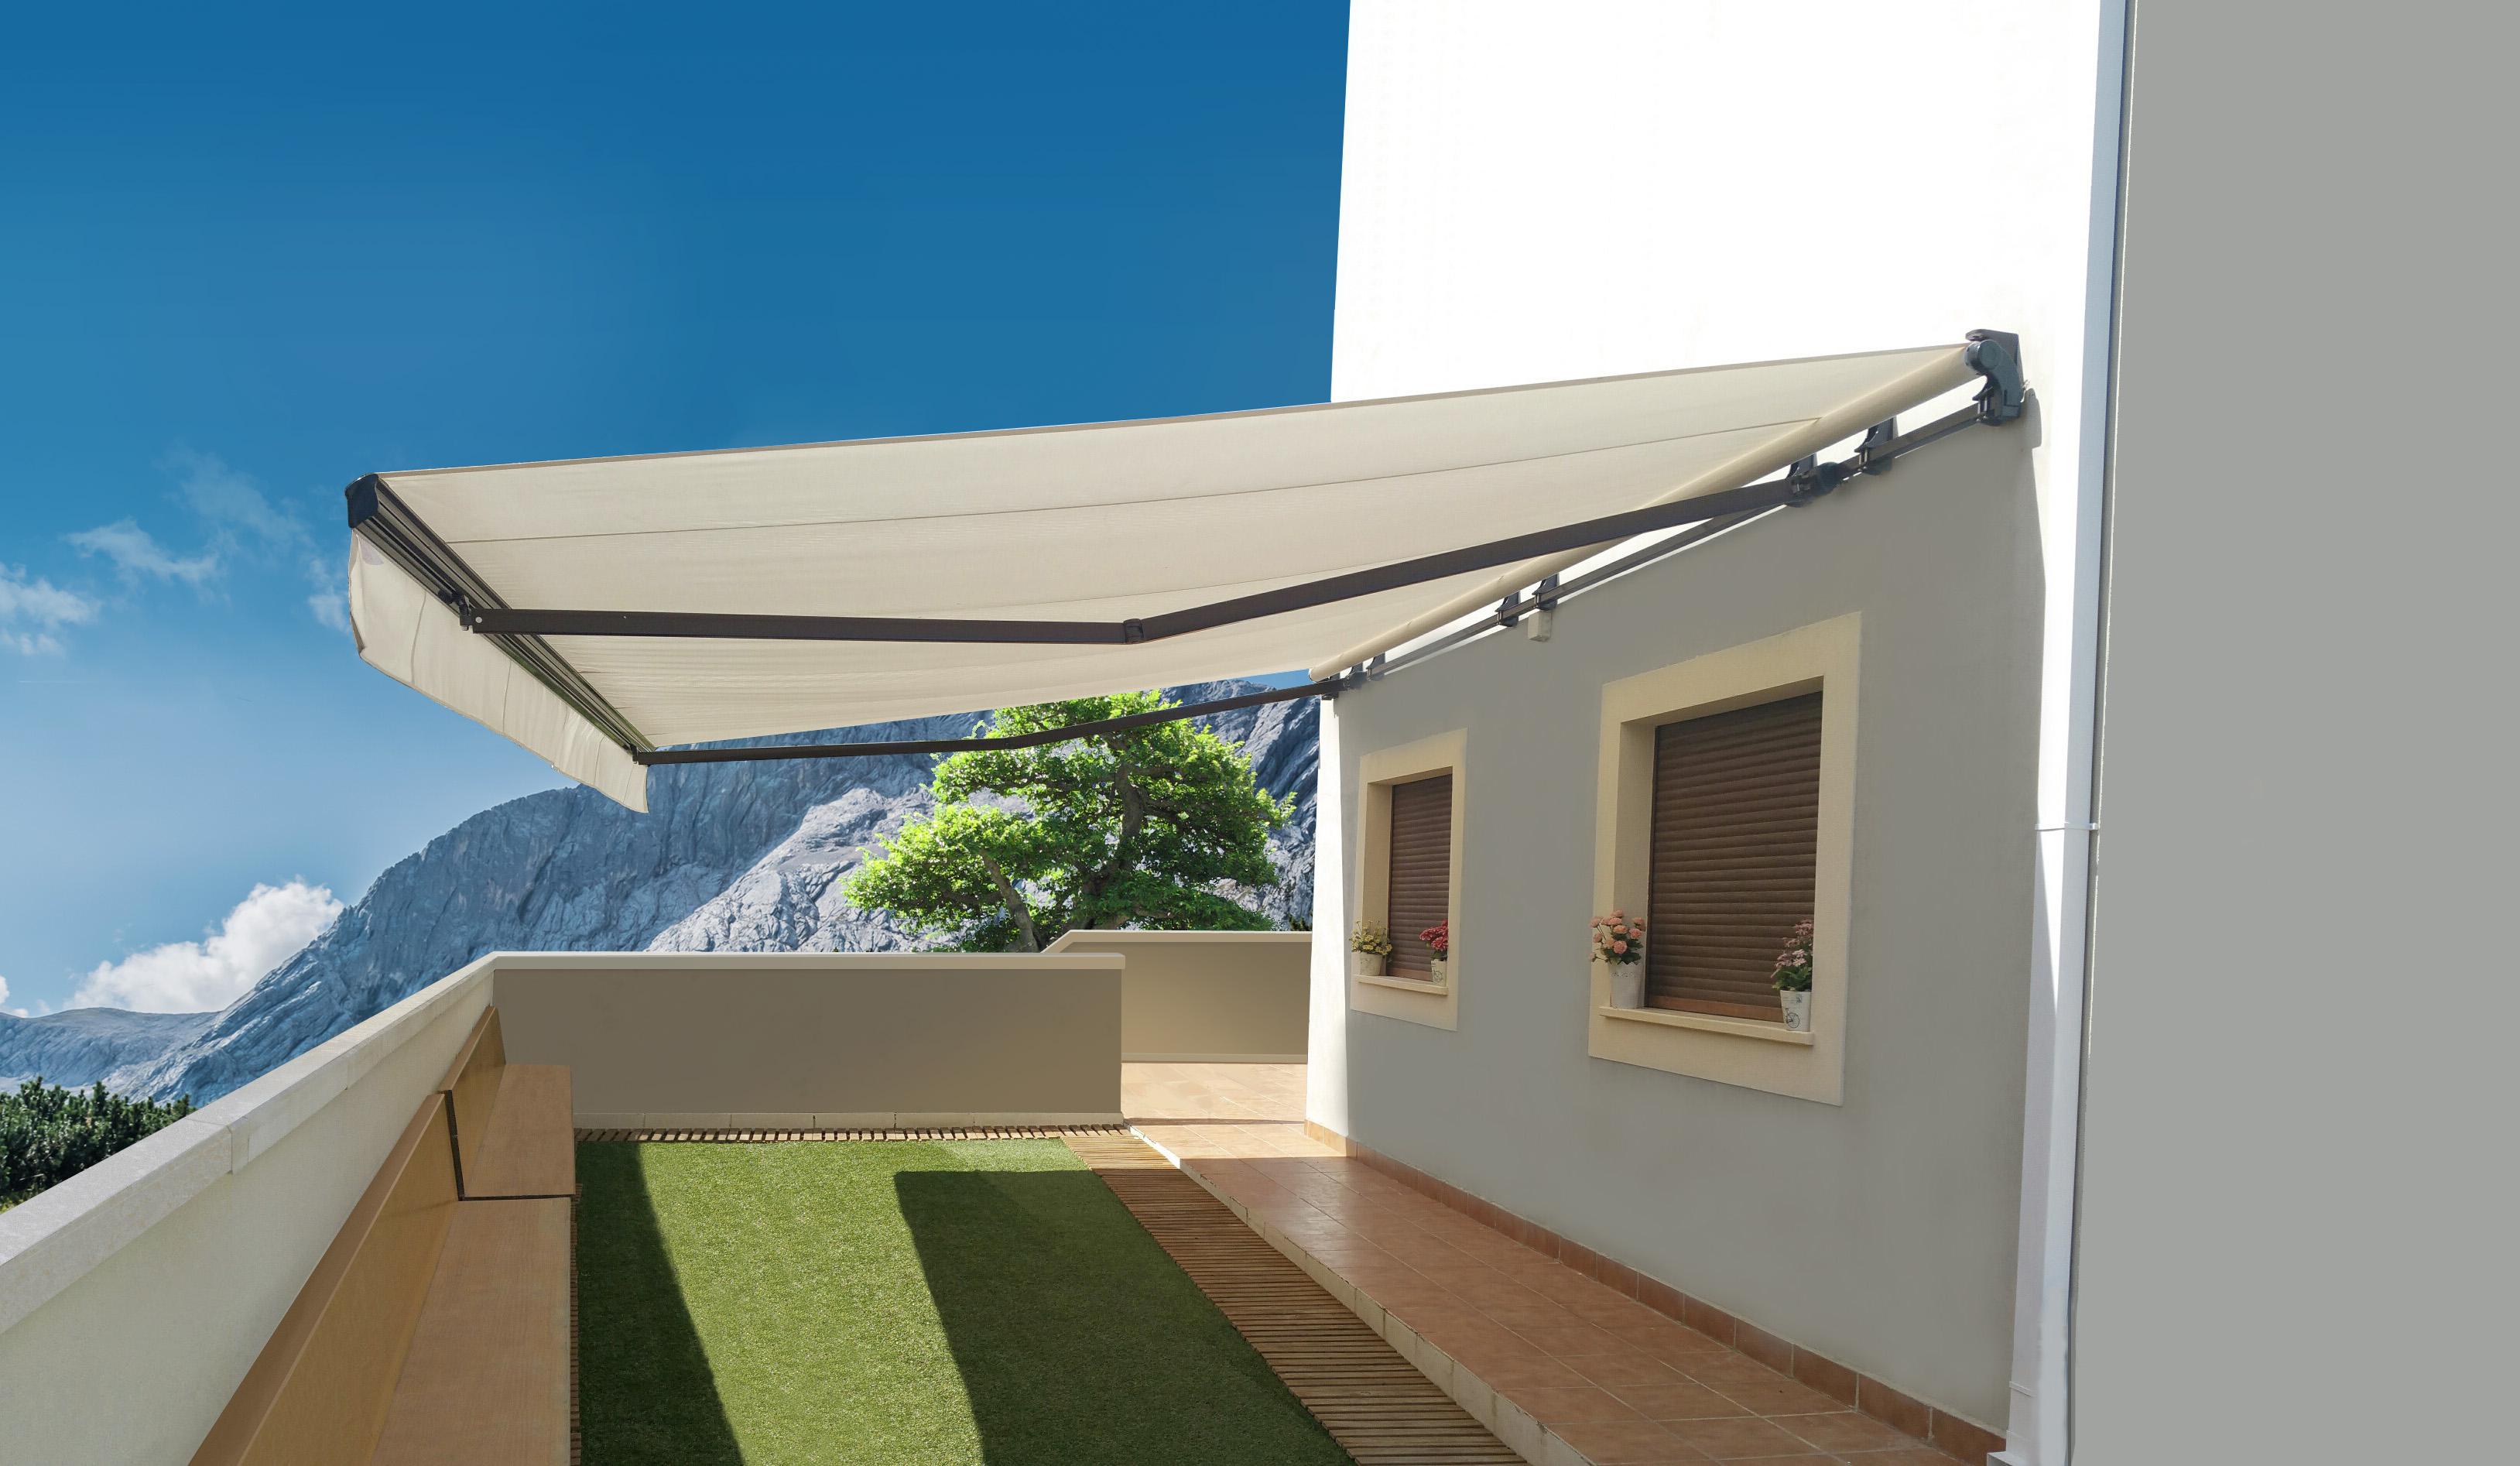 Auvent rétractable Brasilia Athena sur mur bleu